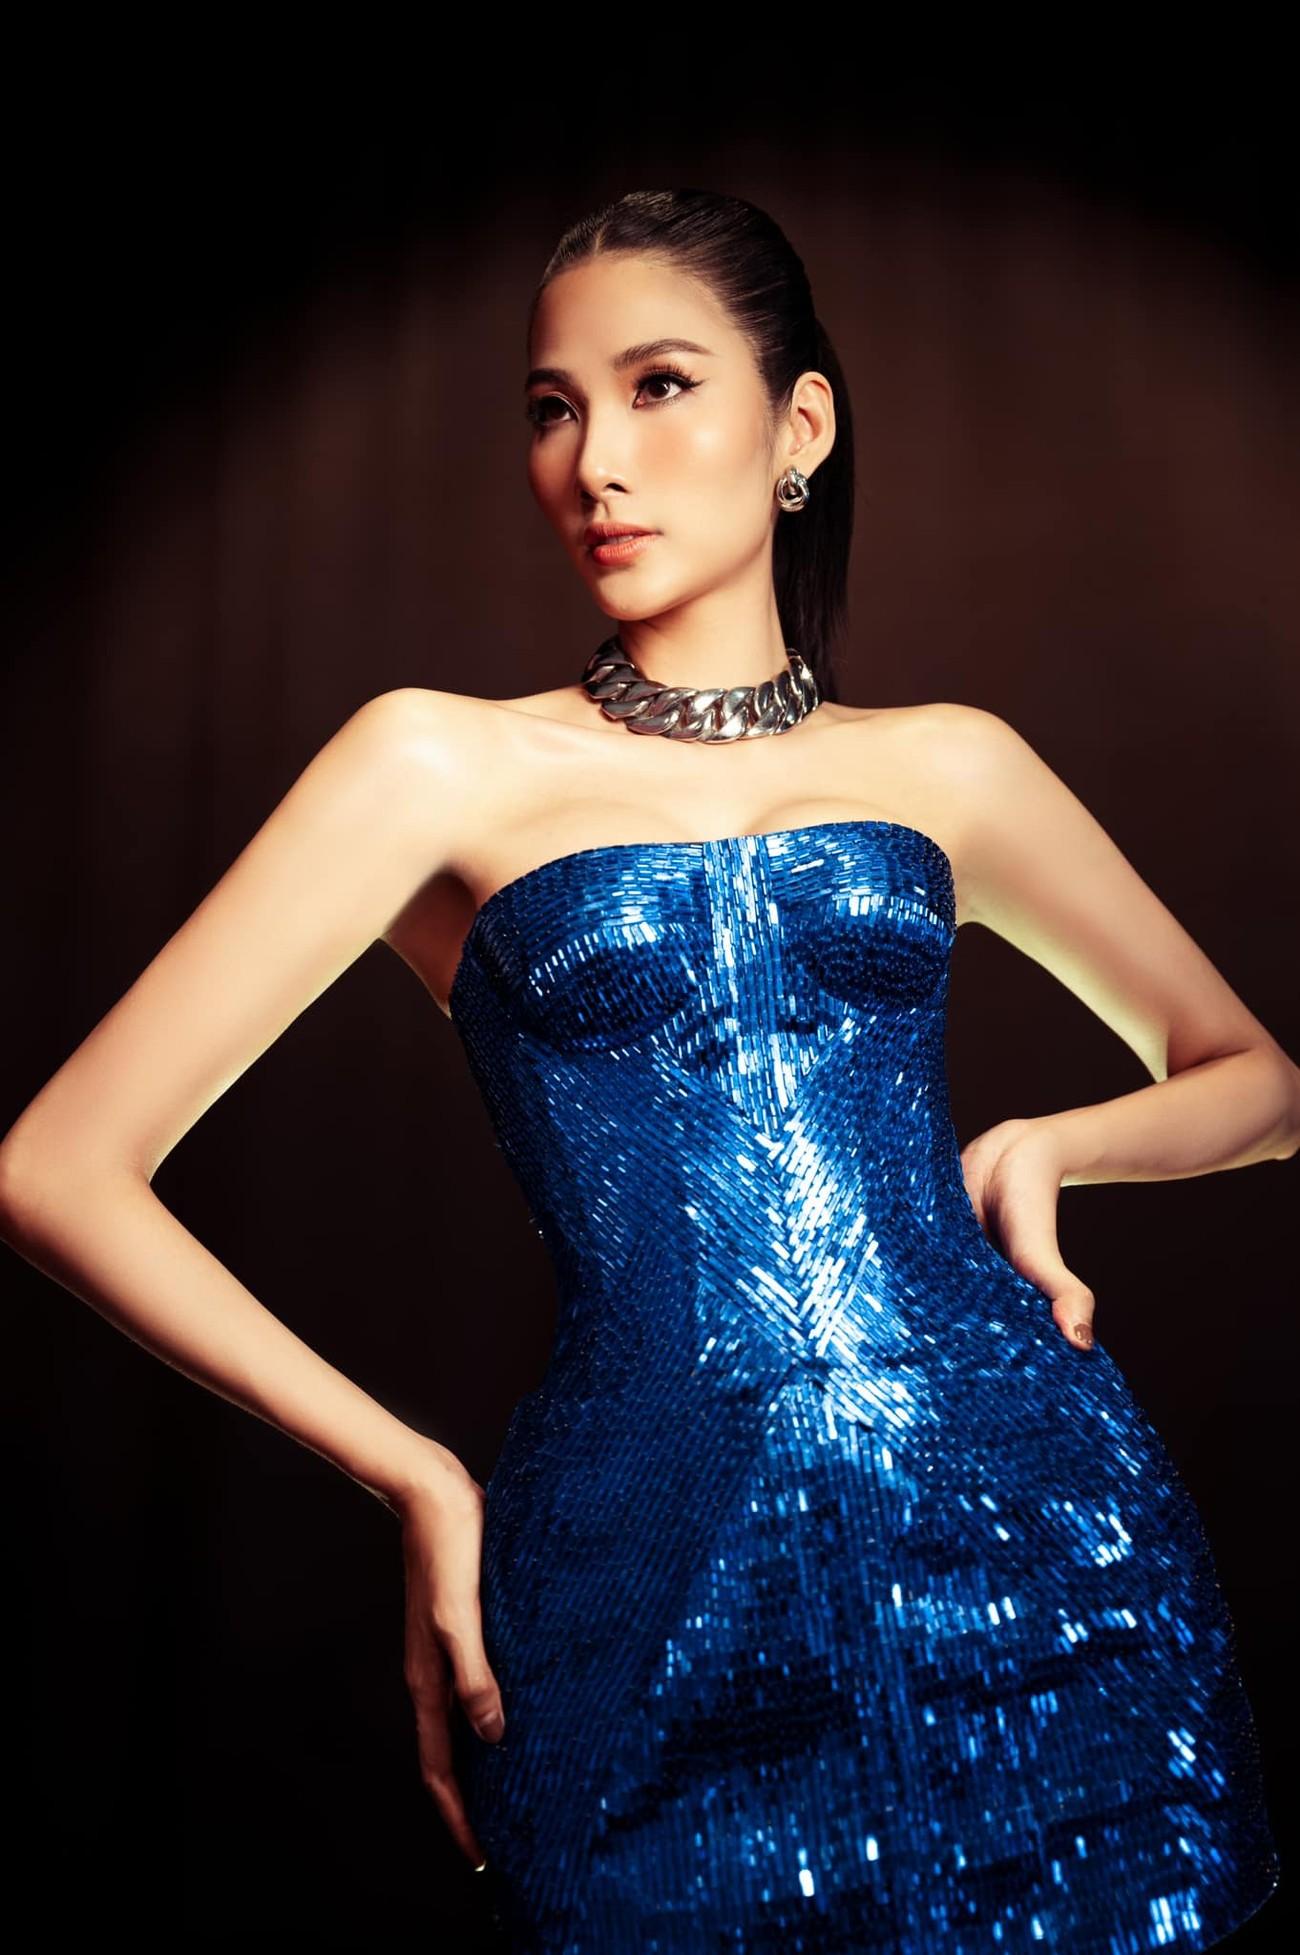 'Đụng hàng' chiếc váy xanh cúp ngực sexy, Hoàng Thuỳ-Minh Tú đẹp 'bất phân thắng bại' ảnh 2